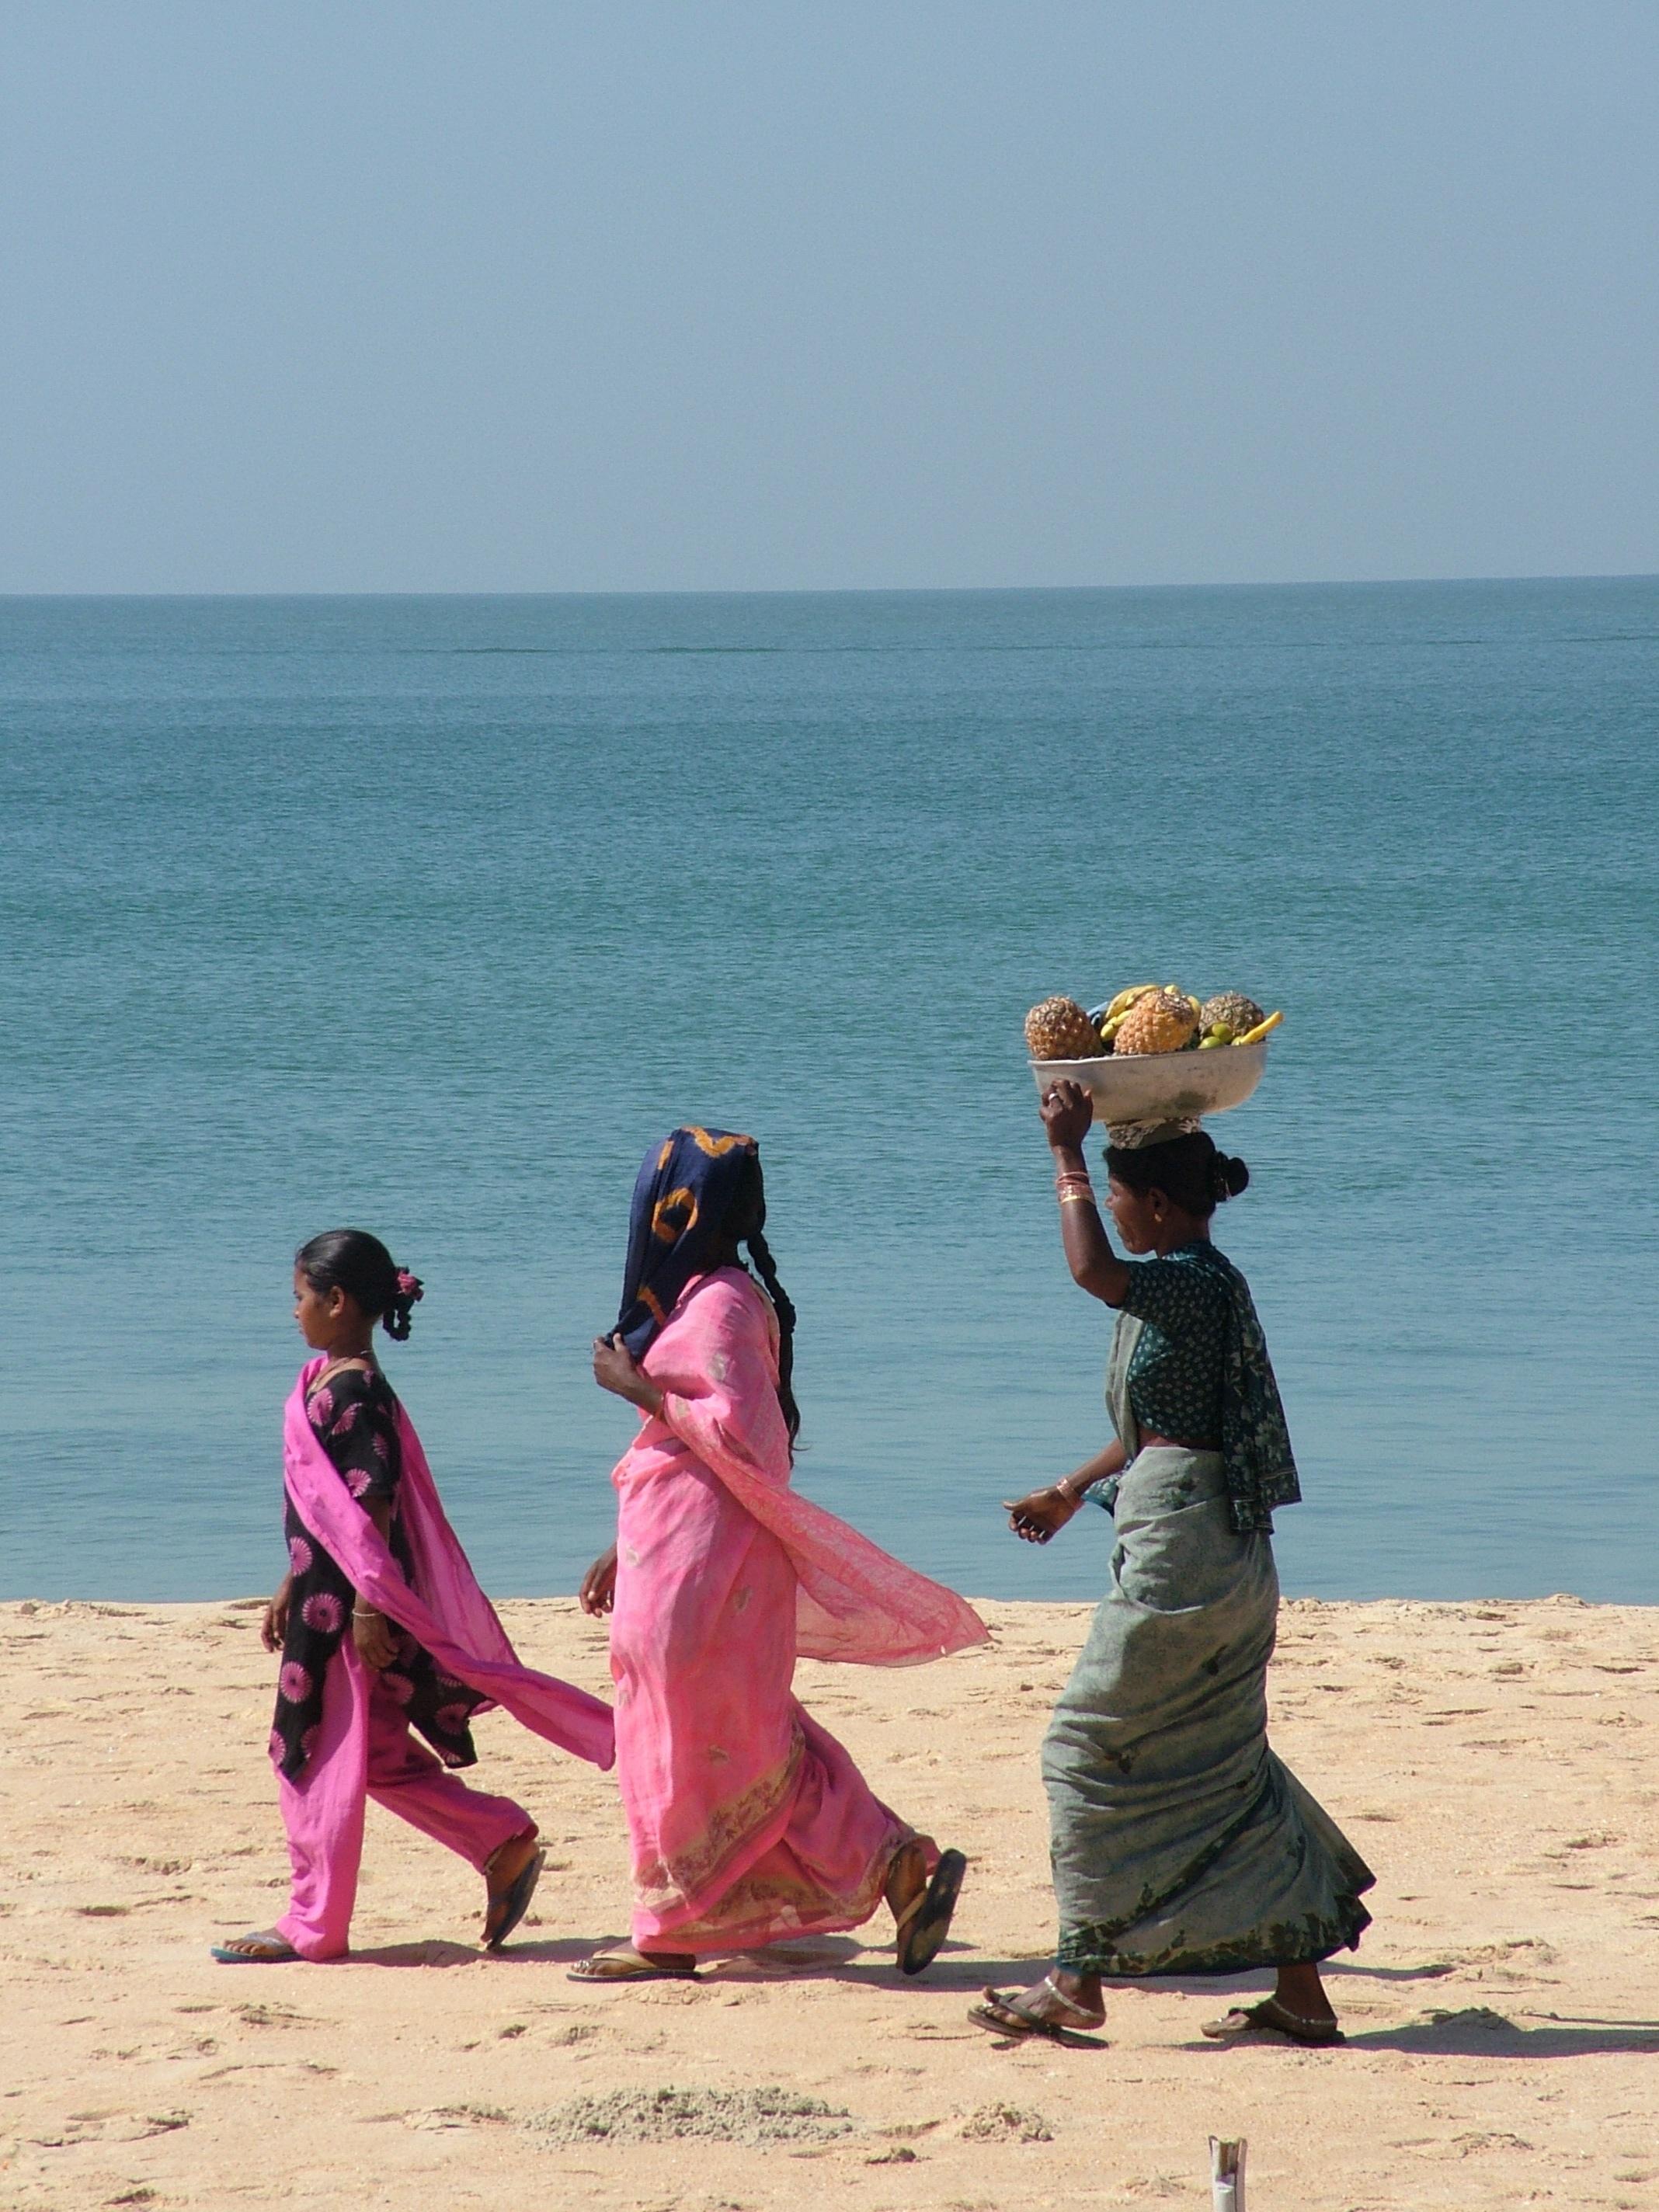 pantai laut air alam pasir lautan orang orang wanita buah liburan perjalanan liburan Candi wanita